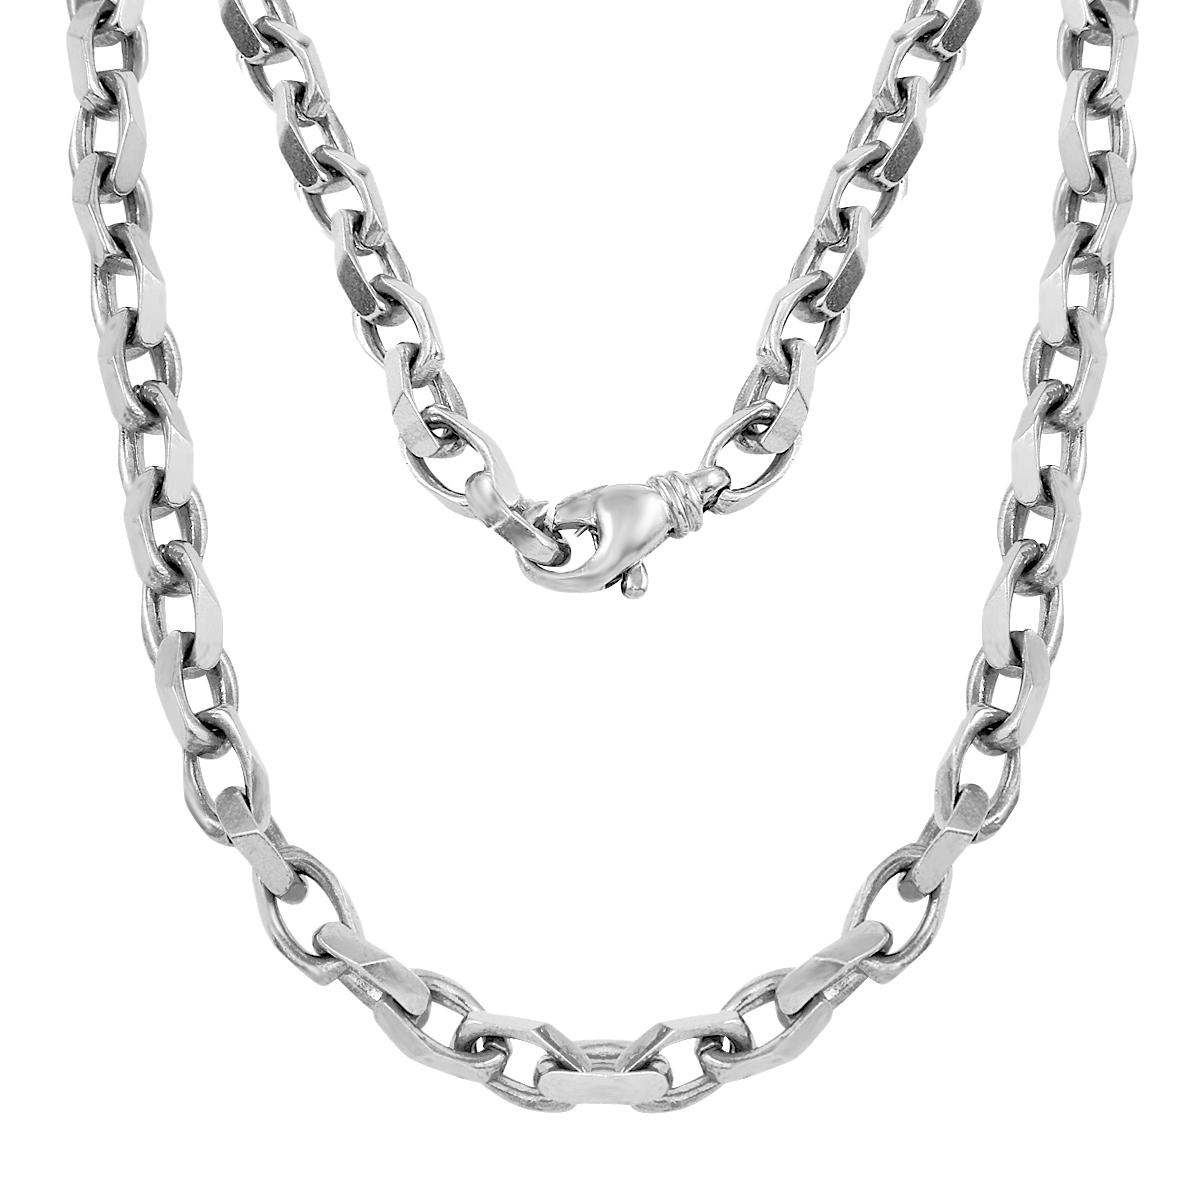 1200x1200 Gold Chain B204 Garo Jewelry